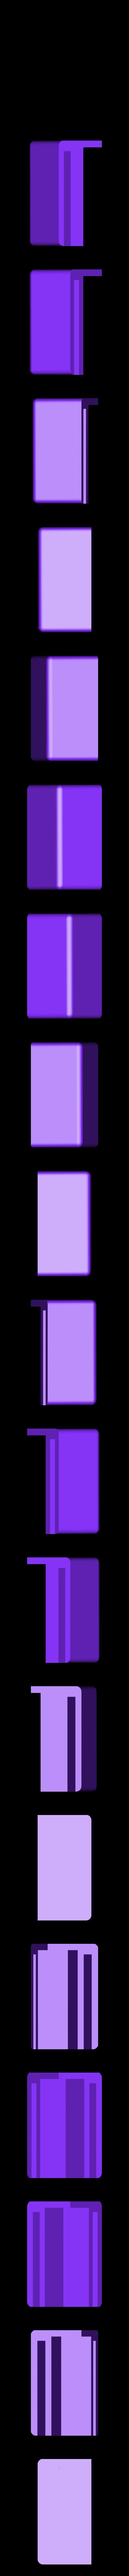 Case_Side_Corner.STL Télécharger fichier STL gratuit Échecs démoctratiques • Modèle à imprimer en 3D, Ghashnarb